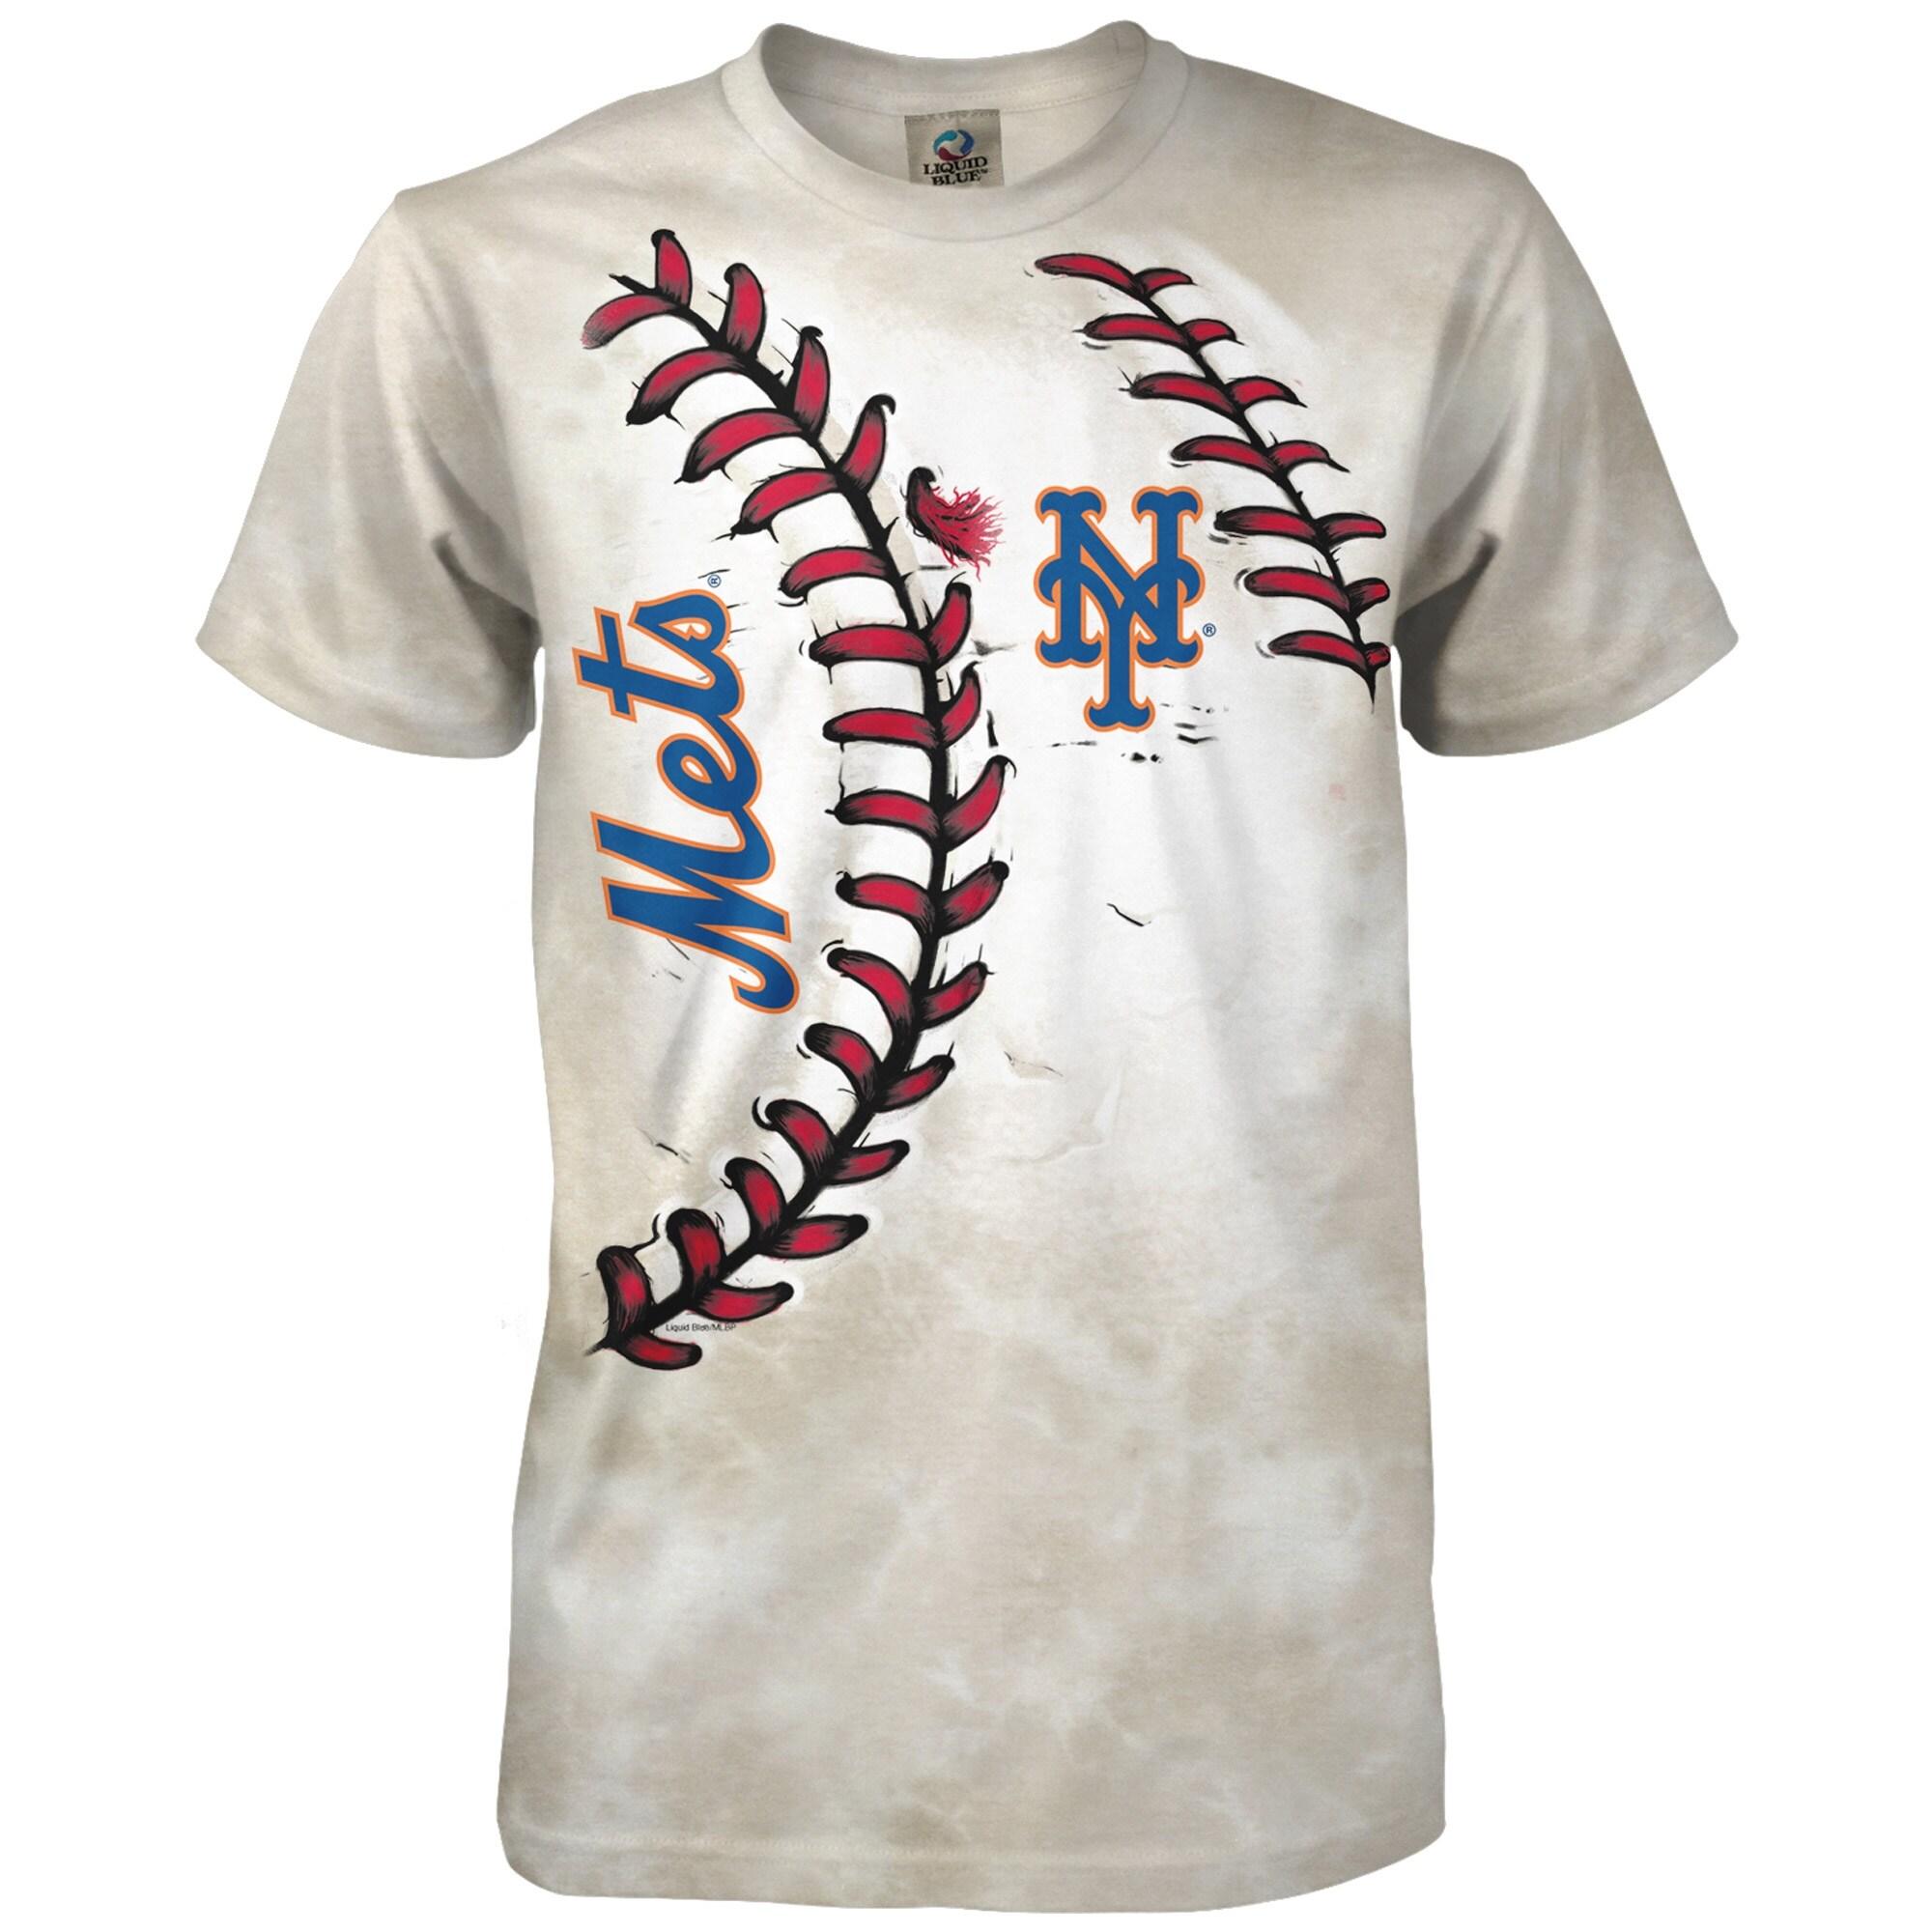 New York Mets Youth Hardball T-Shirt - Cream